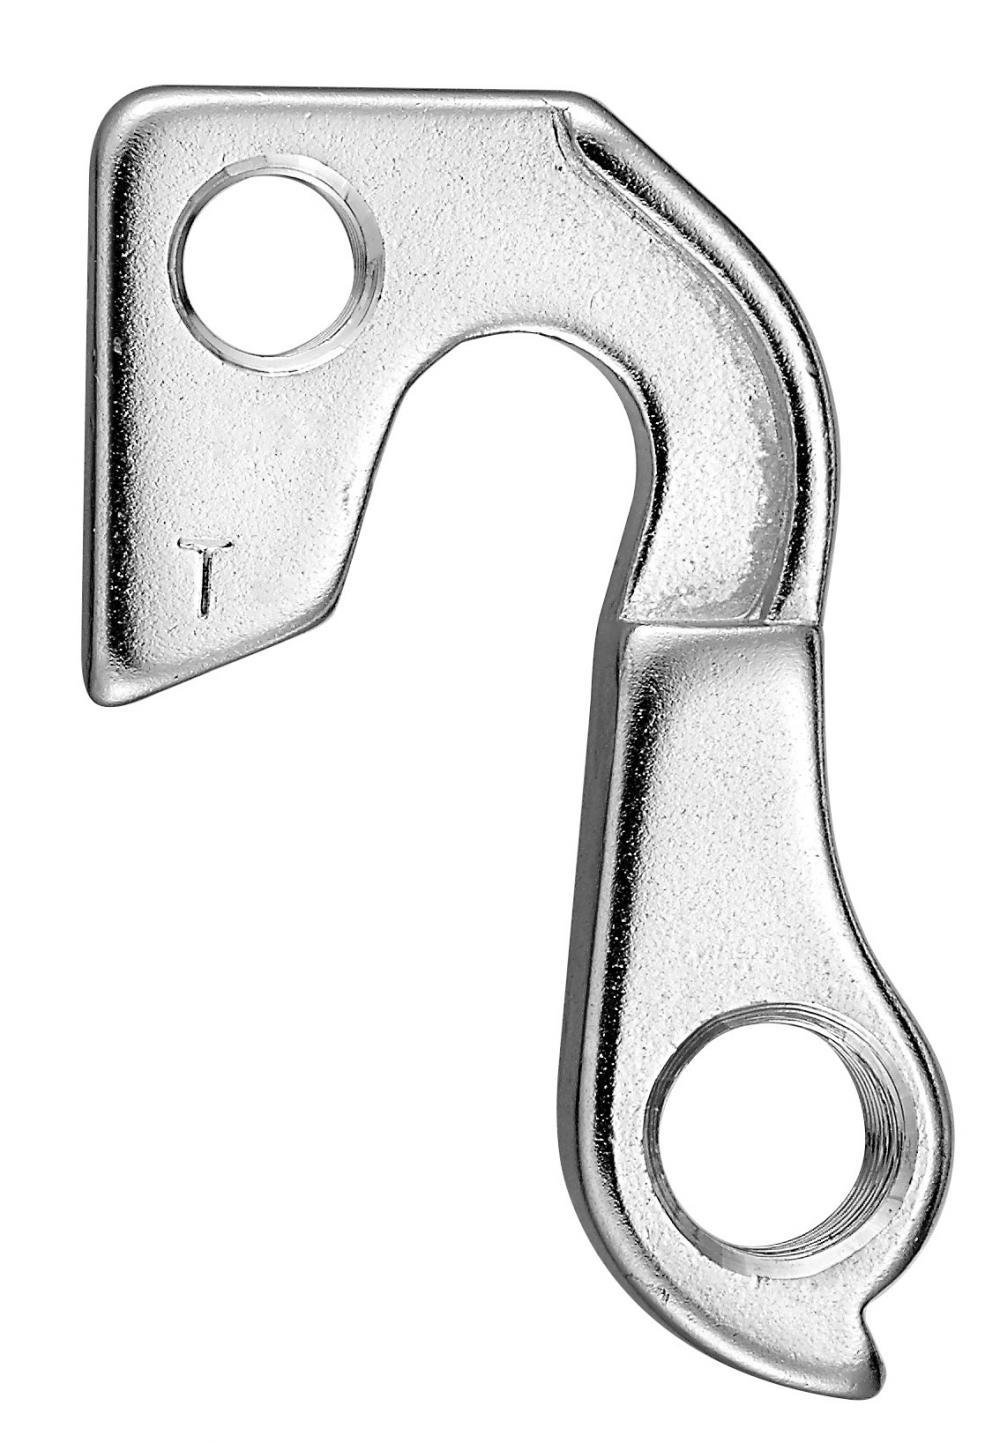 Union Geardrop GH-100 | Derailleur hanger